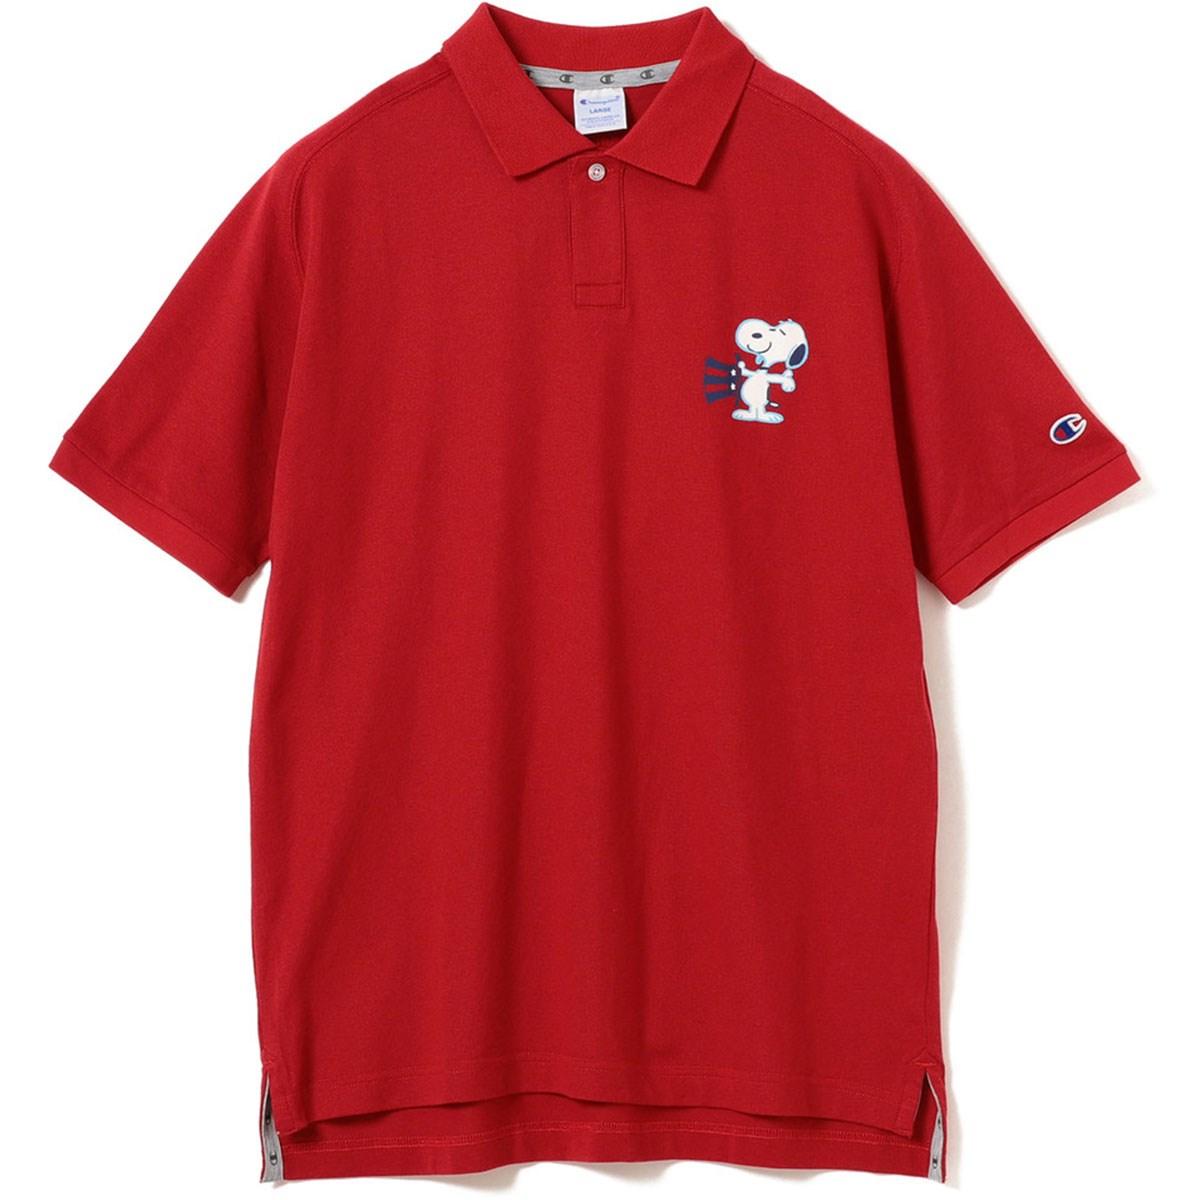 ビームスゴルフ BEAMS GOLF×CHAMPION×SNOOPY ポロシャツ